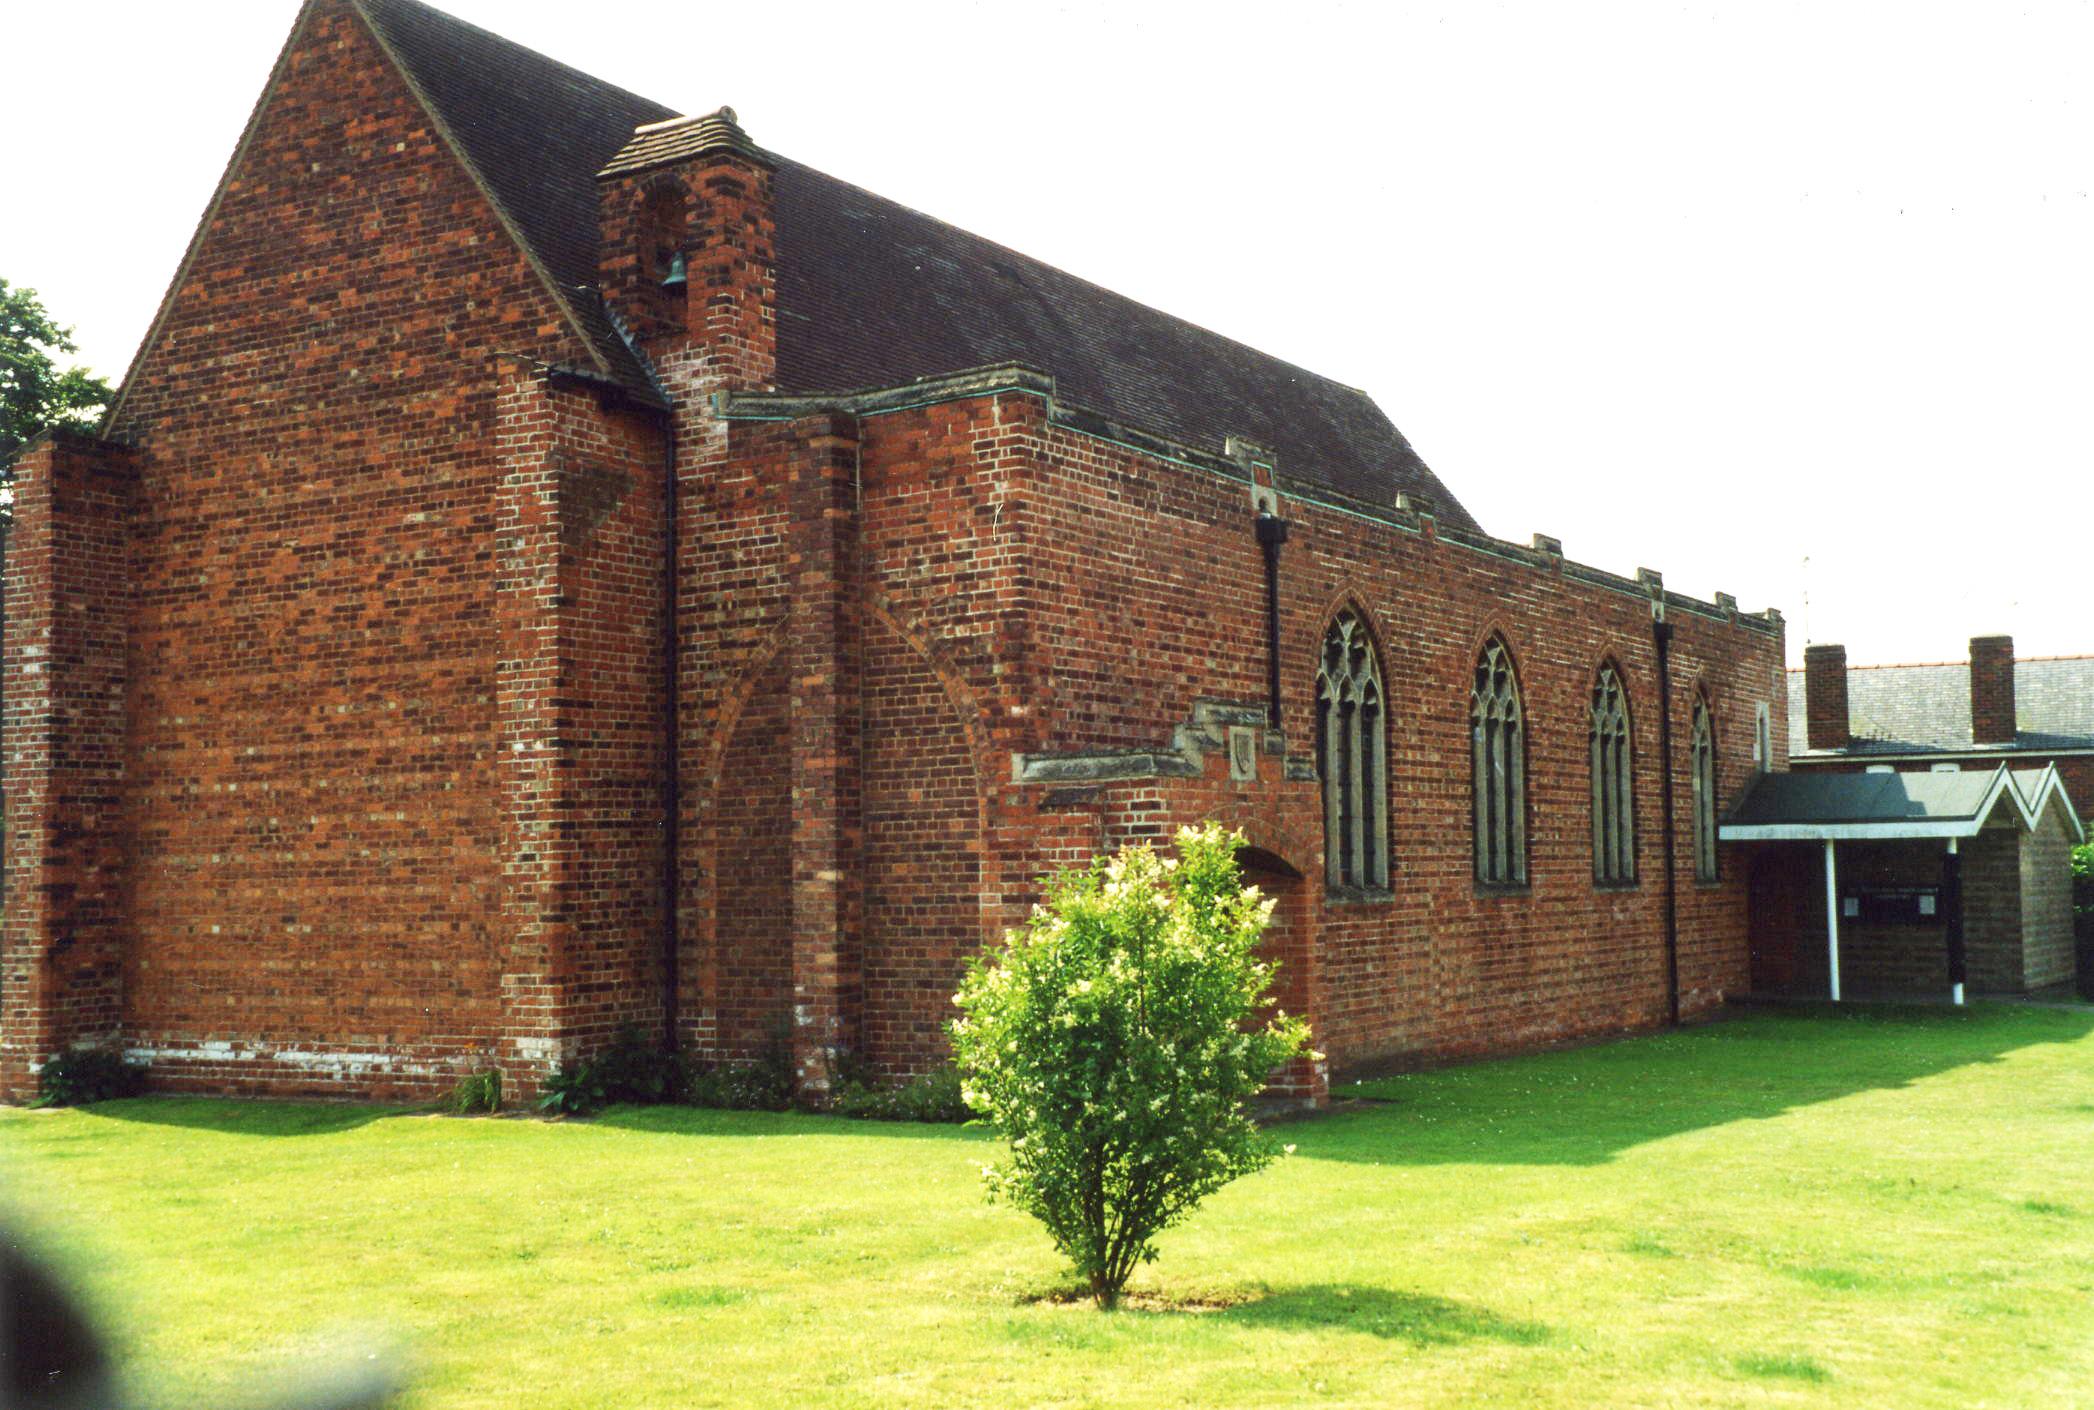 Barnetby St. Barnabas church